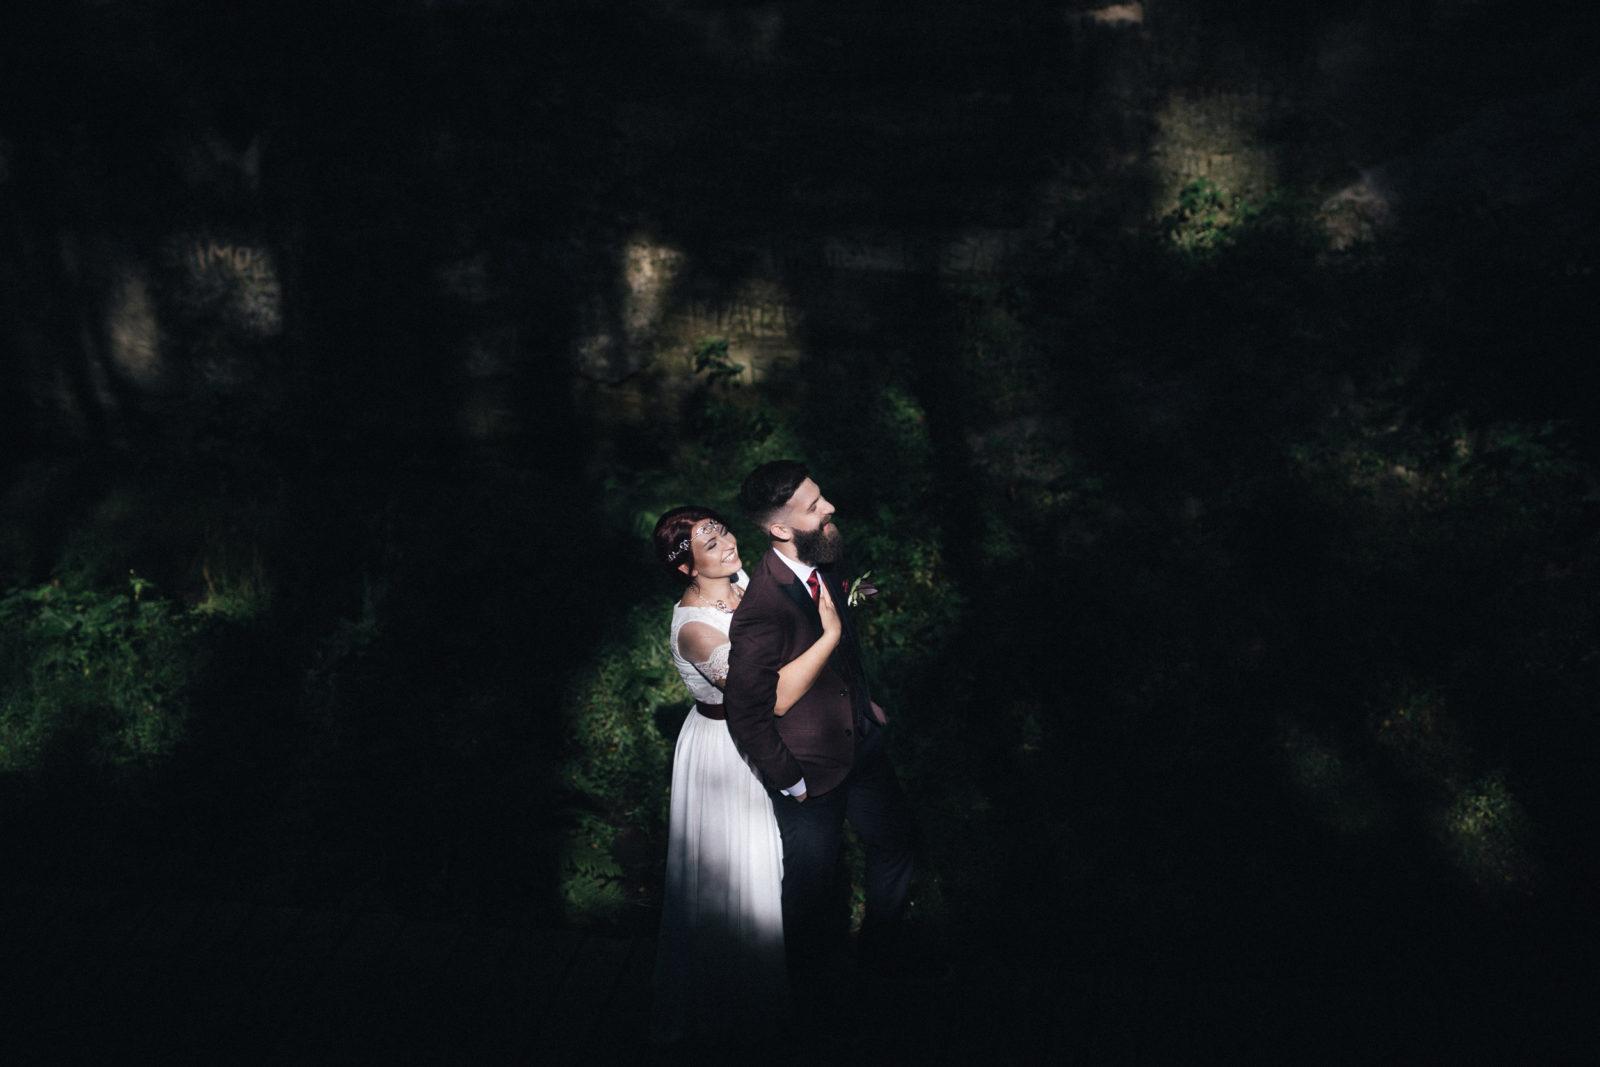 c73ce7b1ddb Pruutpaari pulmapäev fotosessioon fotograafiga